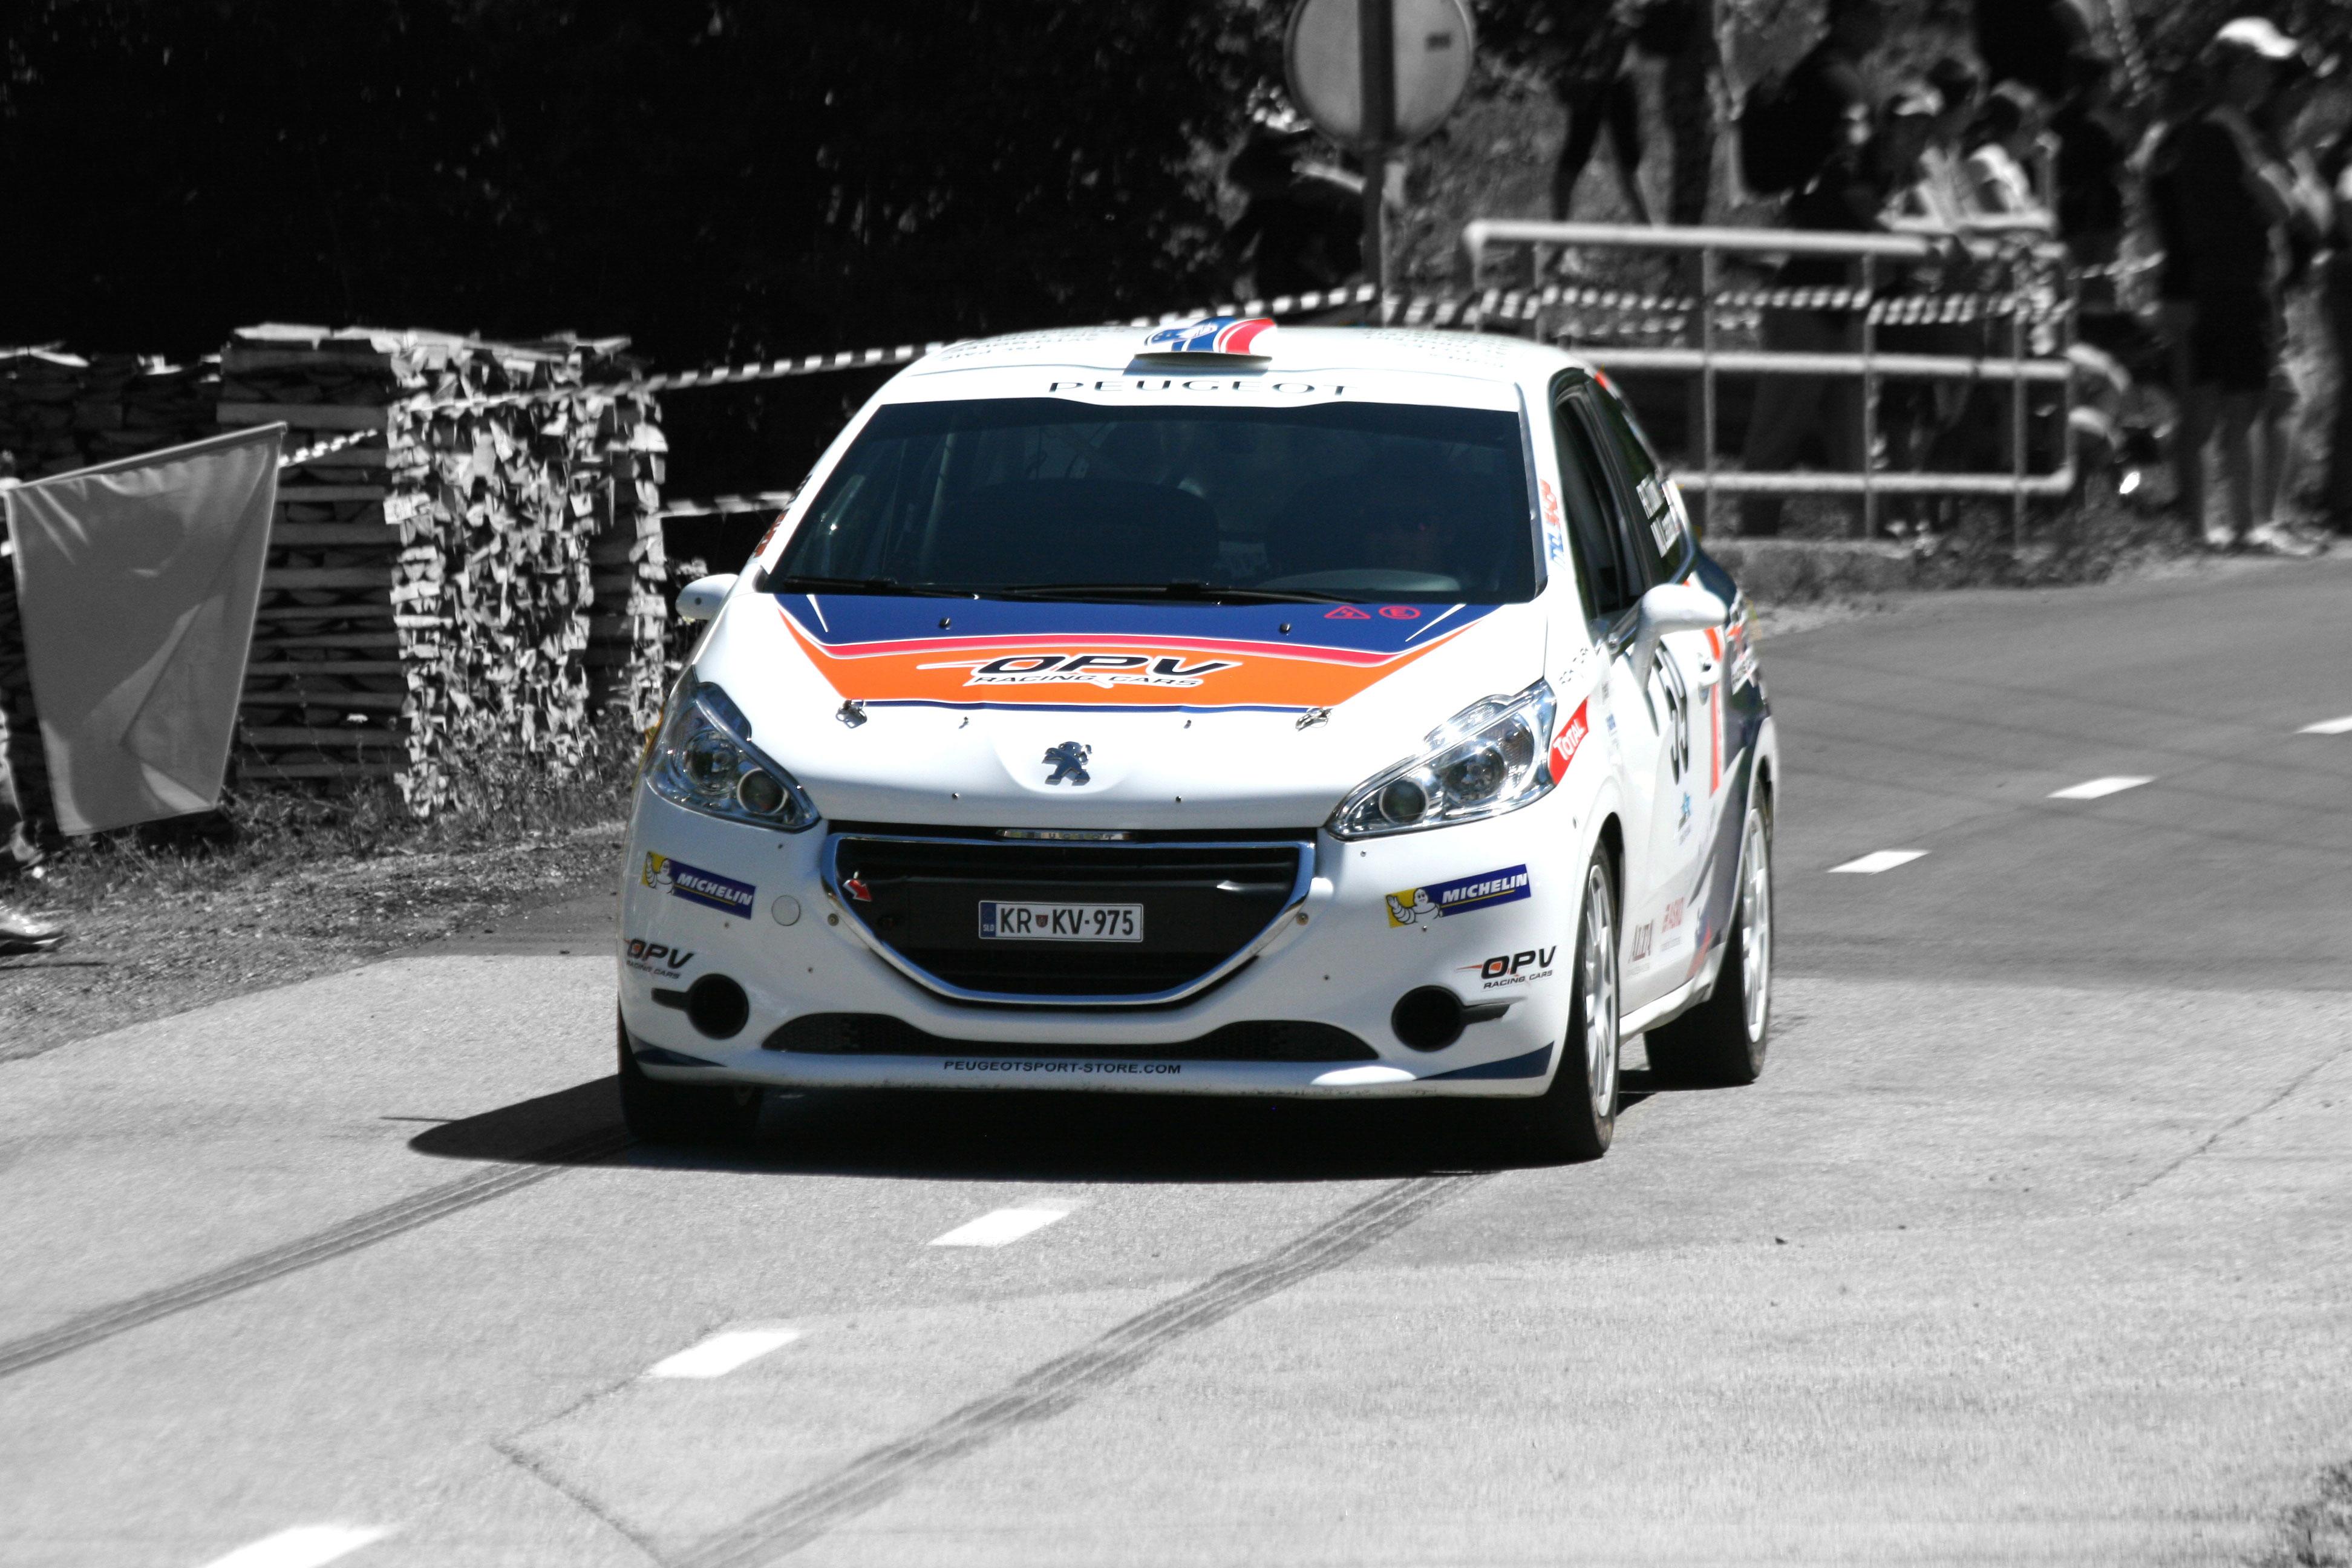 Uspešen nastop Roka Turka na domači dirki OPV Racing Cars v Lučinah